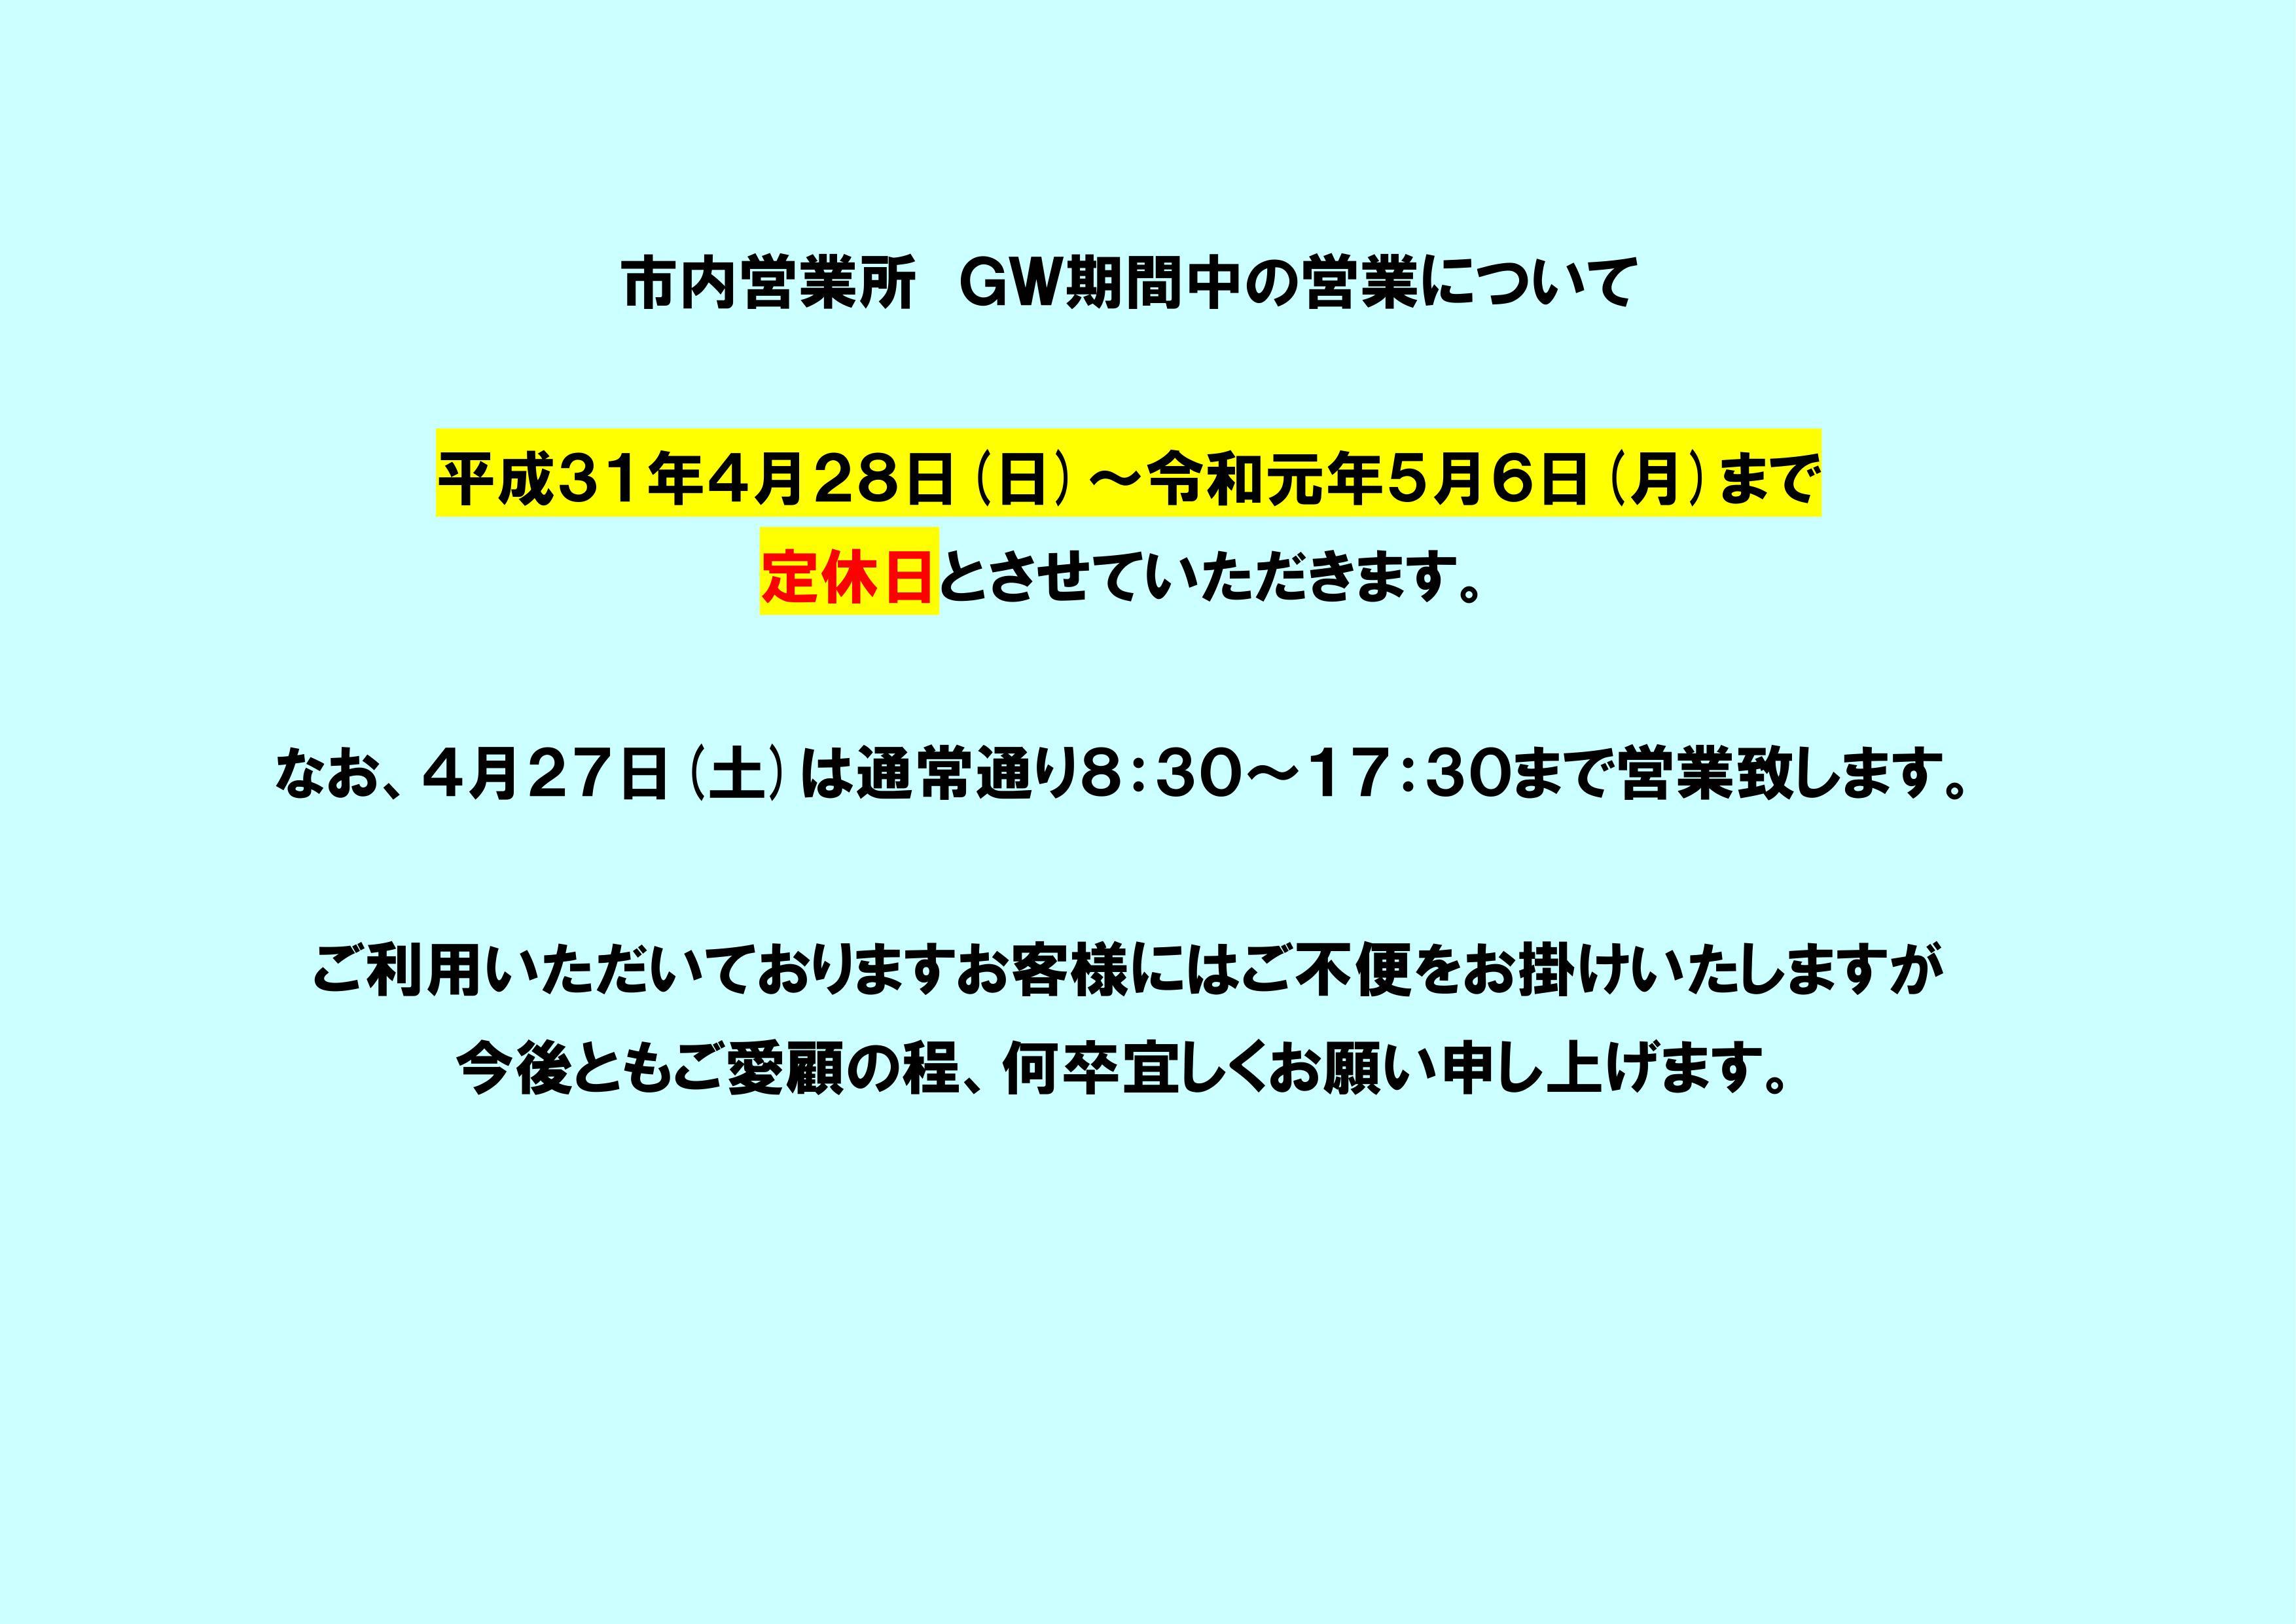 20190423_095002.jpg